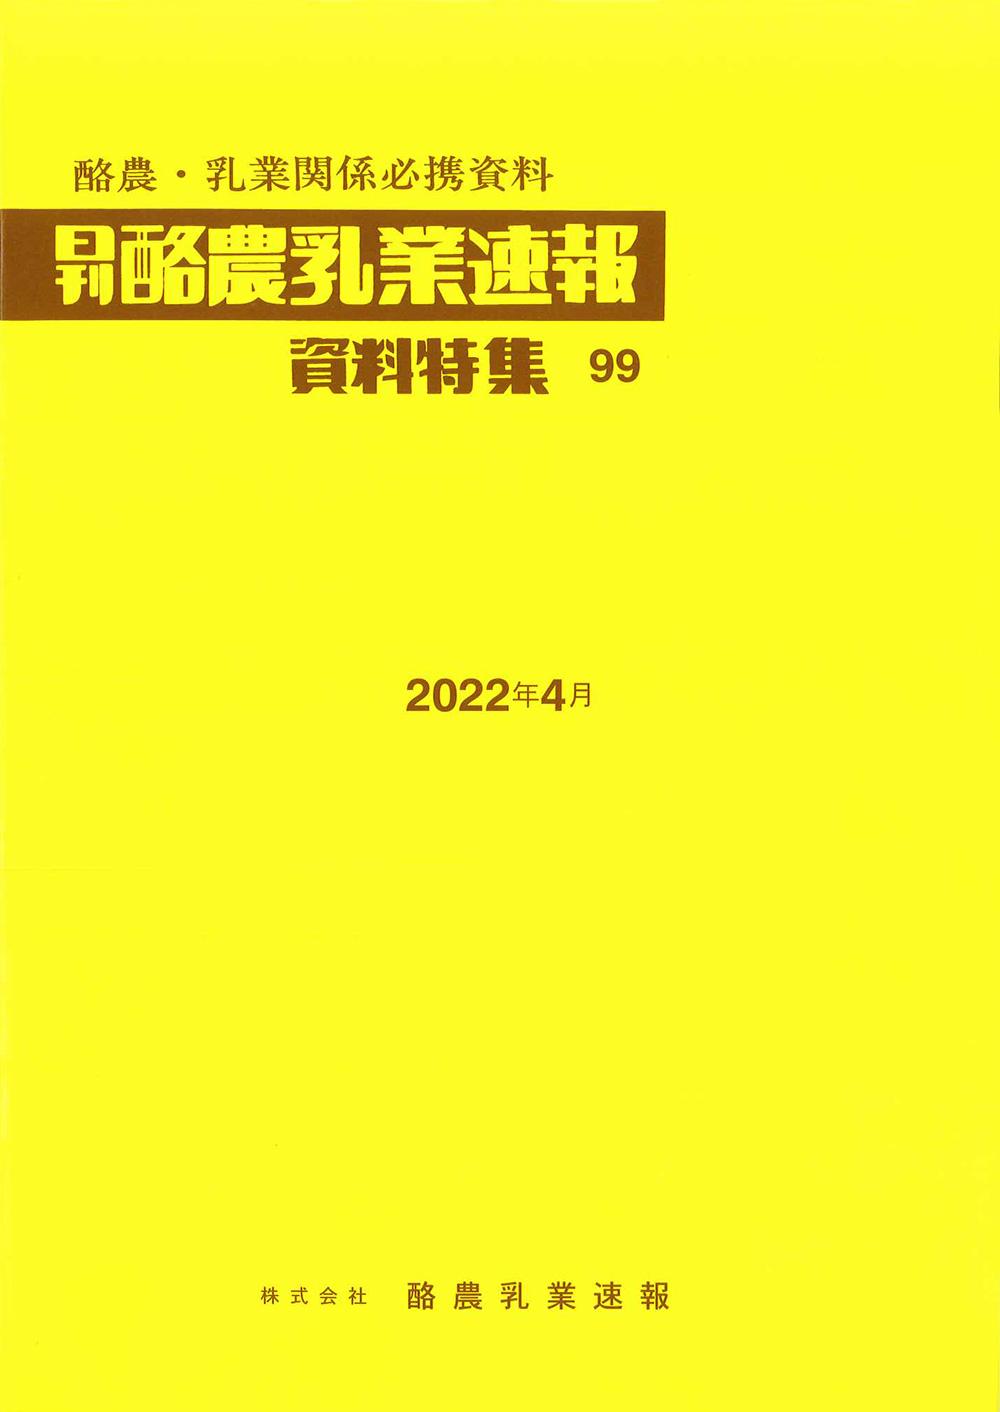 日刊酪農乳業速報 資料特集